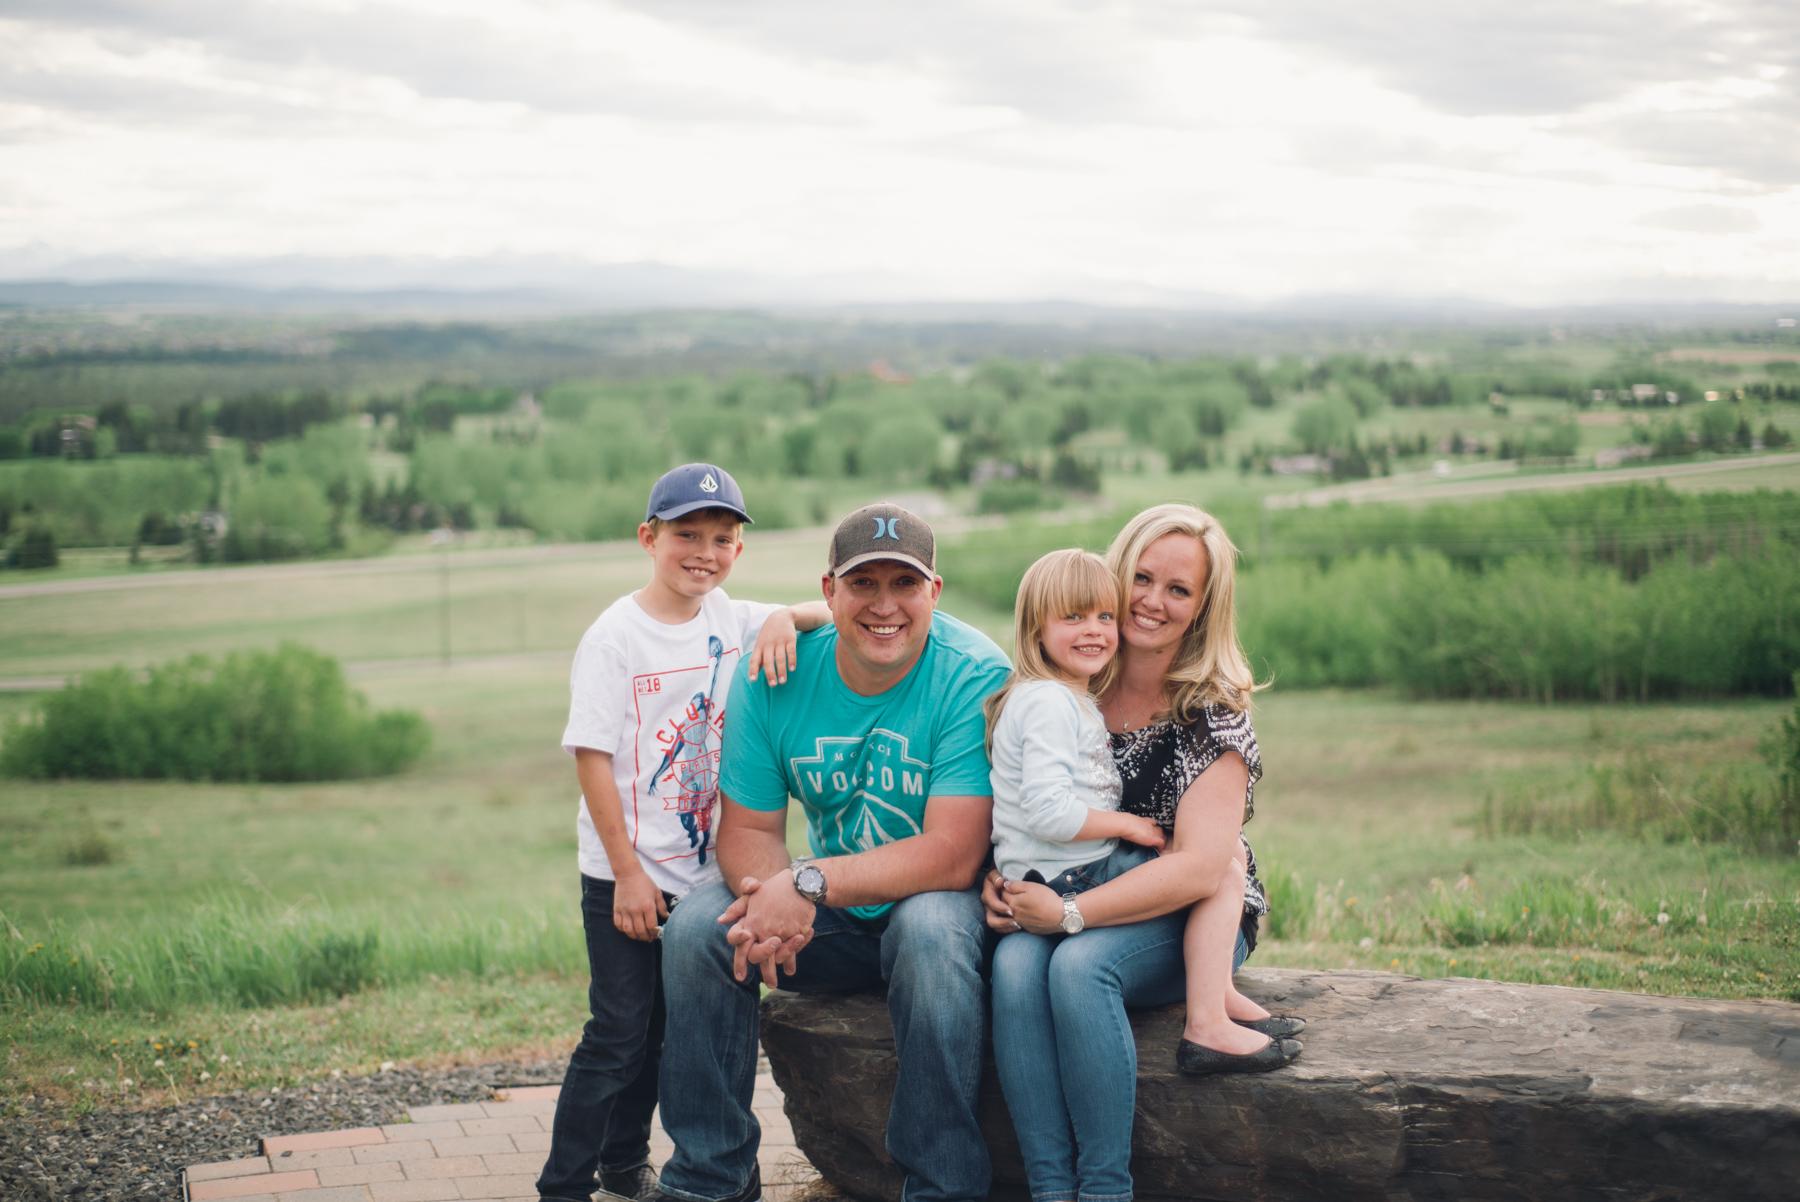 Calgary_Family_Session (23 of 25).jpg